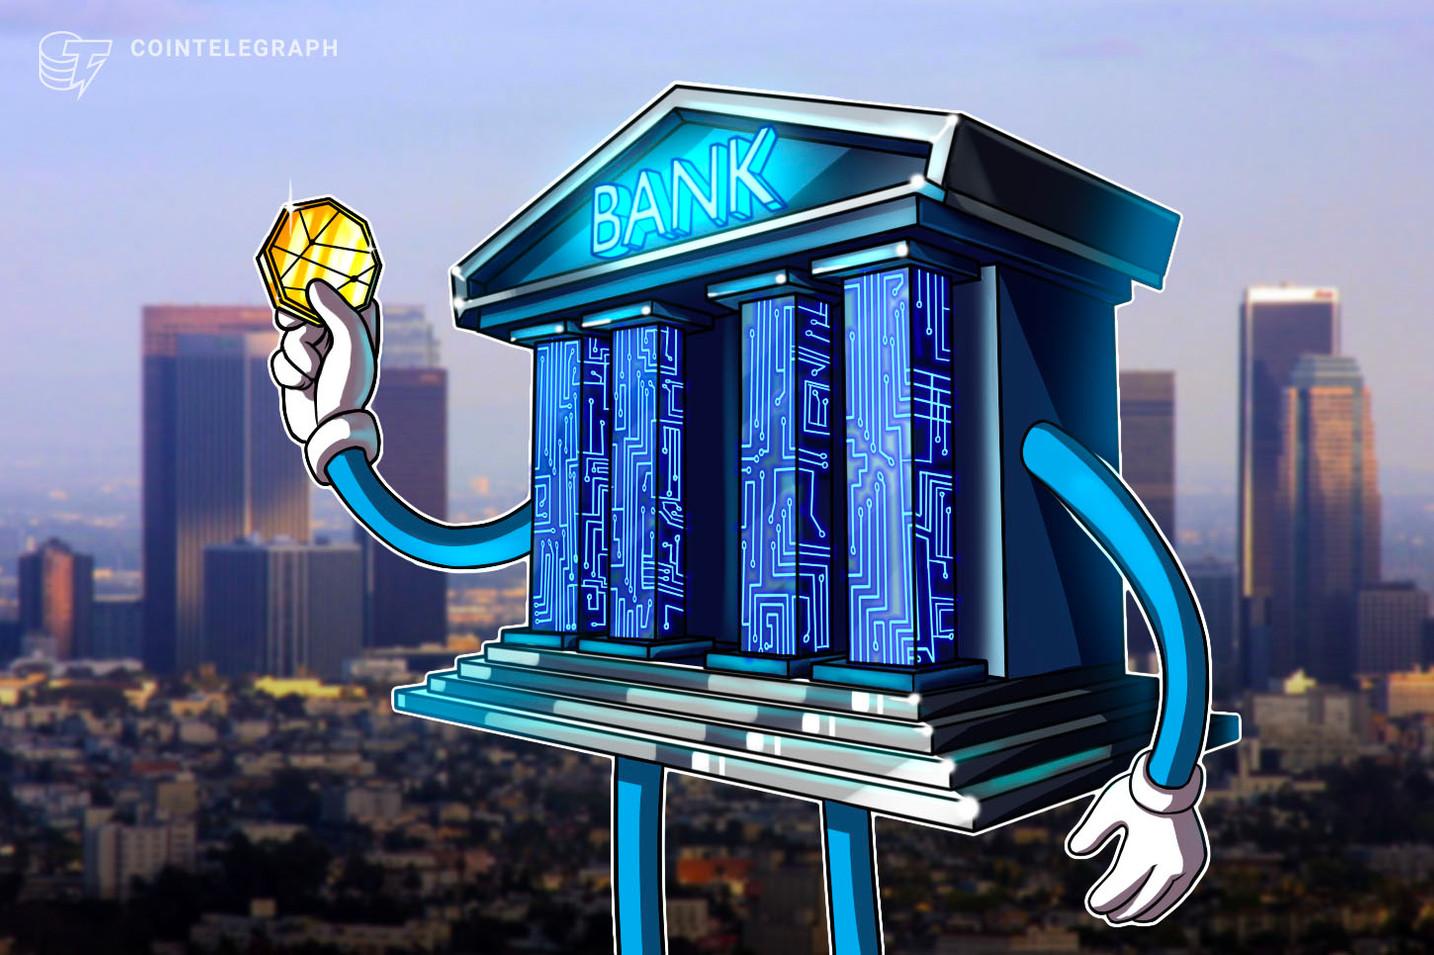 Le banche centrali lanceranno criptovalute, prevede un resoconto del Fondo Monetario Internazionale